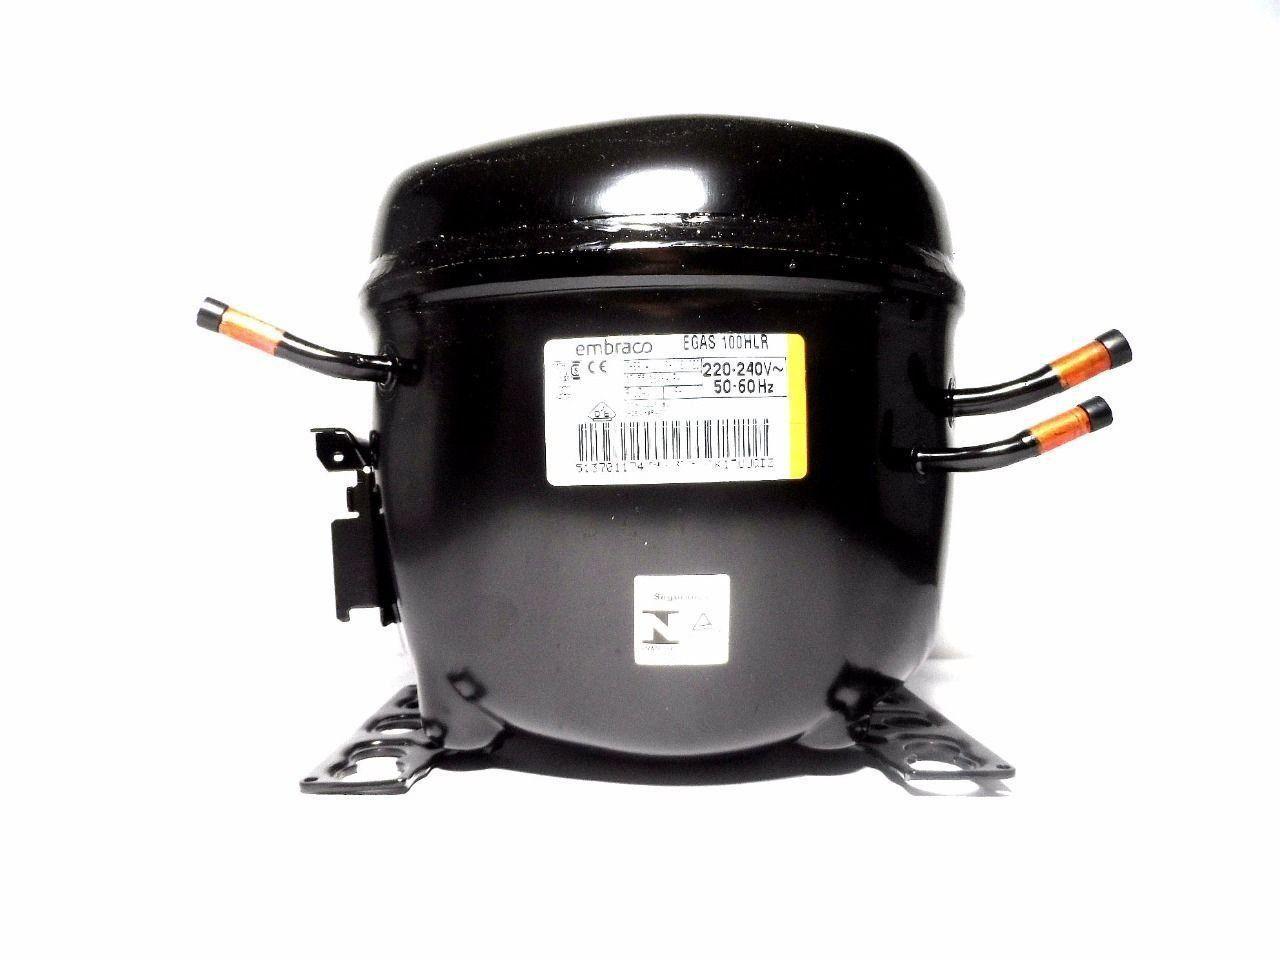 Motor Compressor Embraco 1/3 220V R134A Geladeira EGAS100HLR W10393815